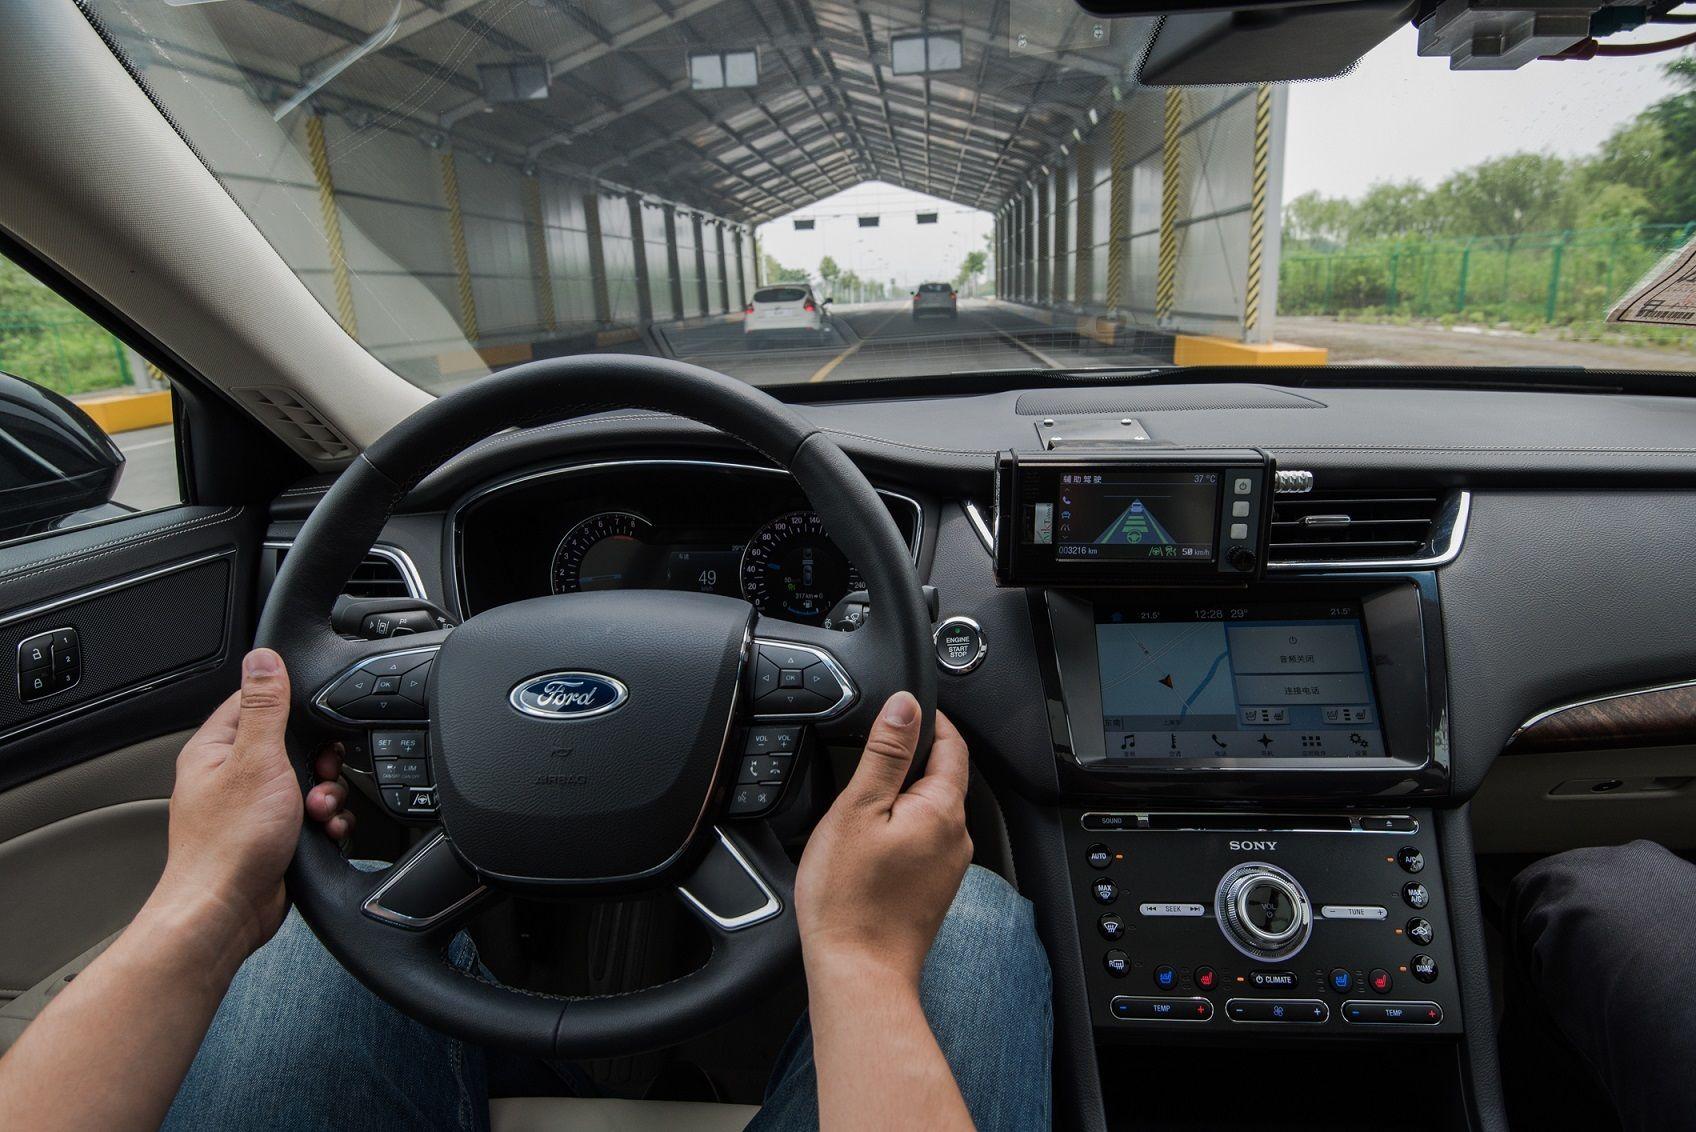 福特汽车交通拥堵辅助技术能减轻驾驶员驾驶压力,优化驾驶体验.jpg